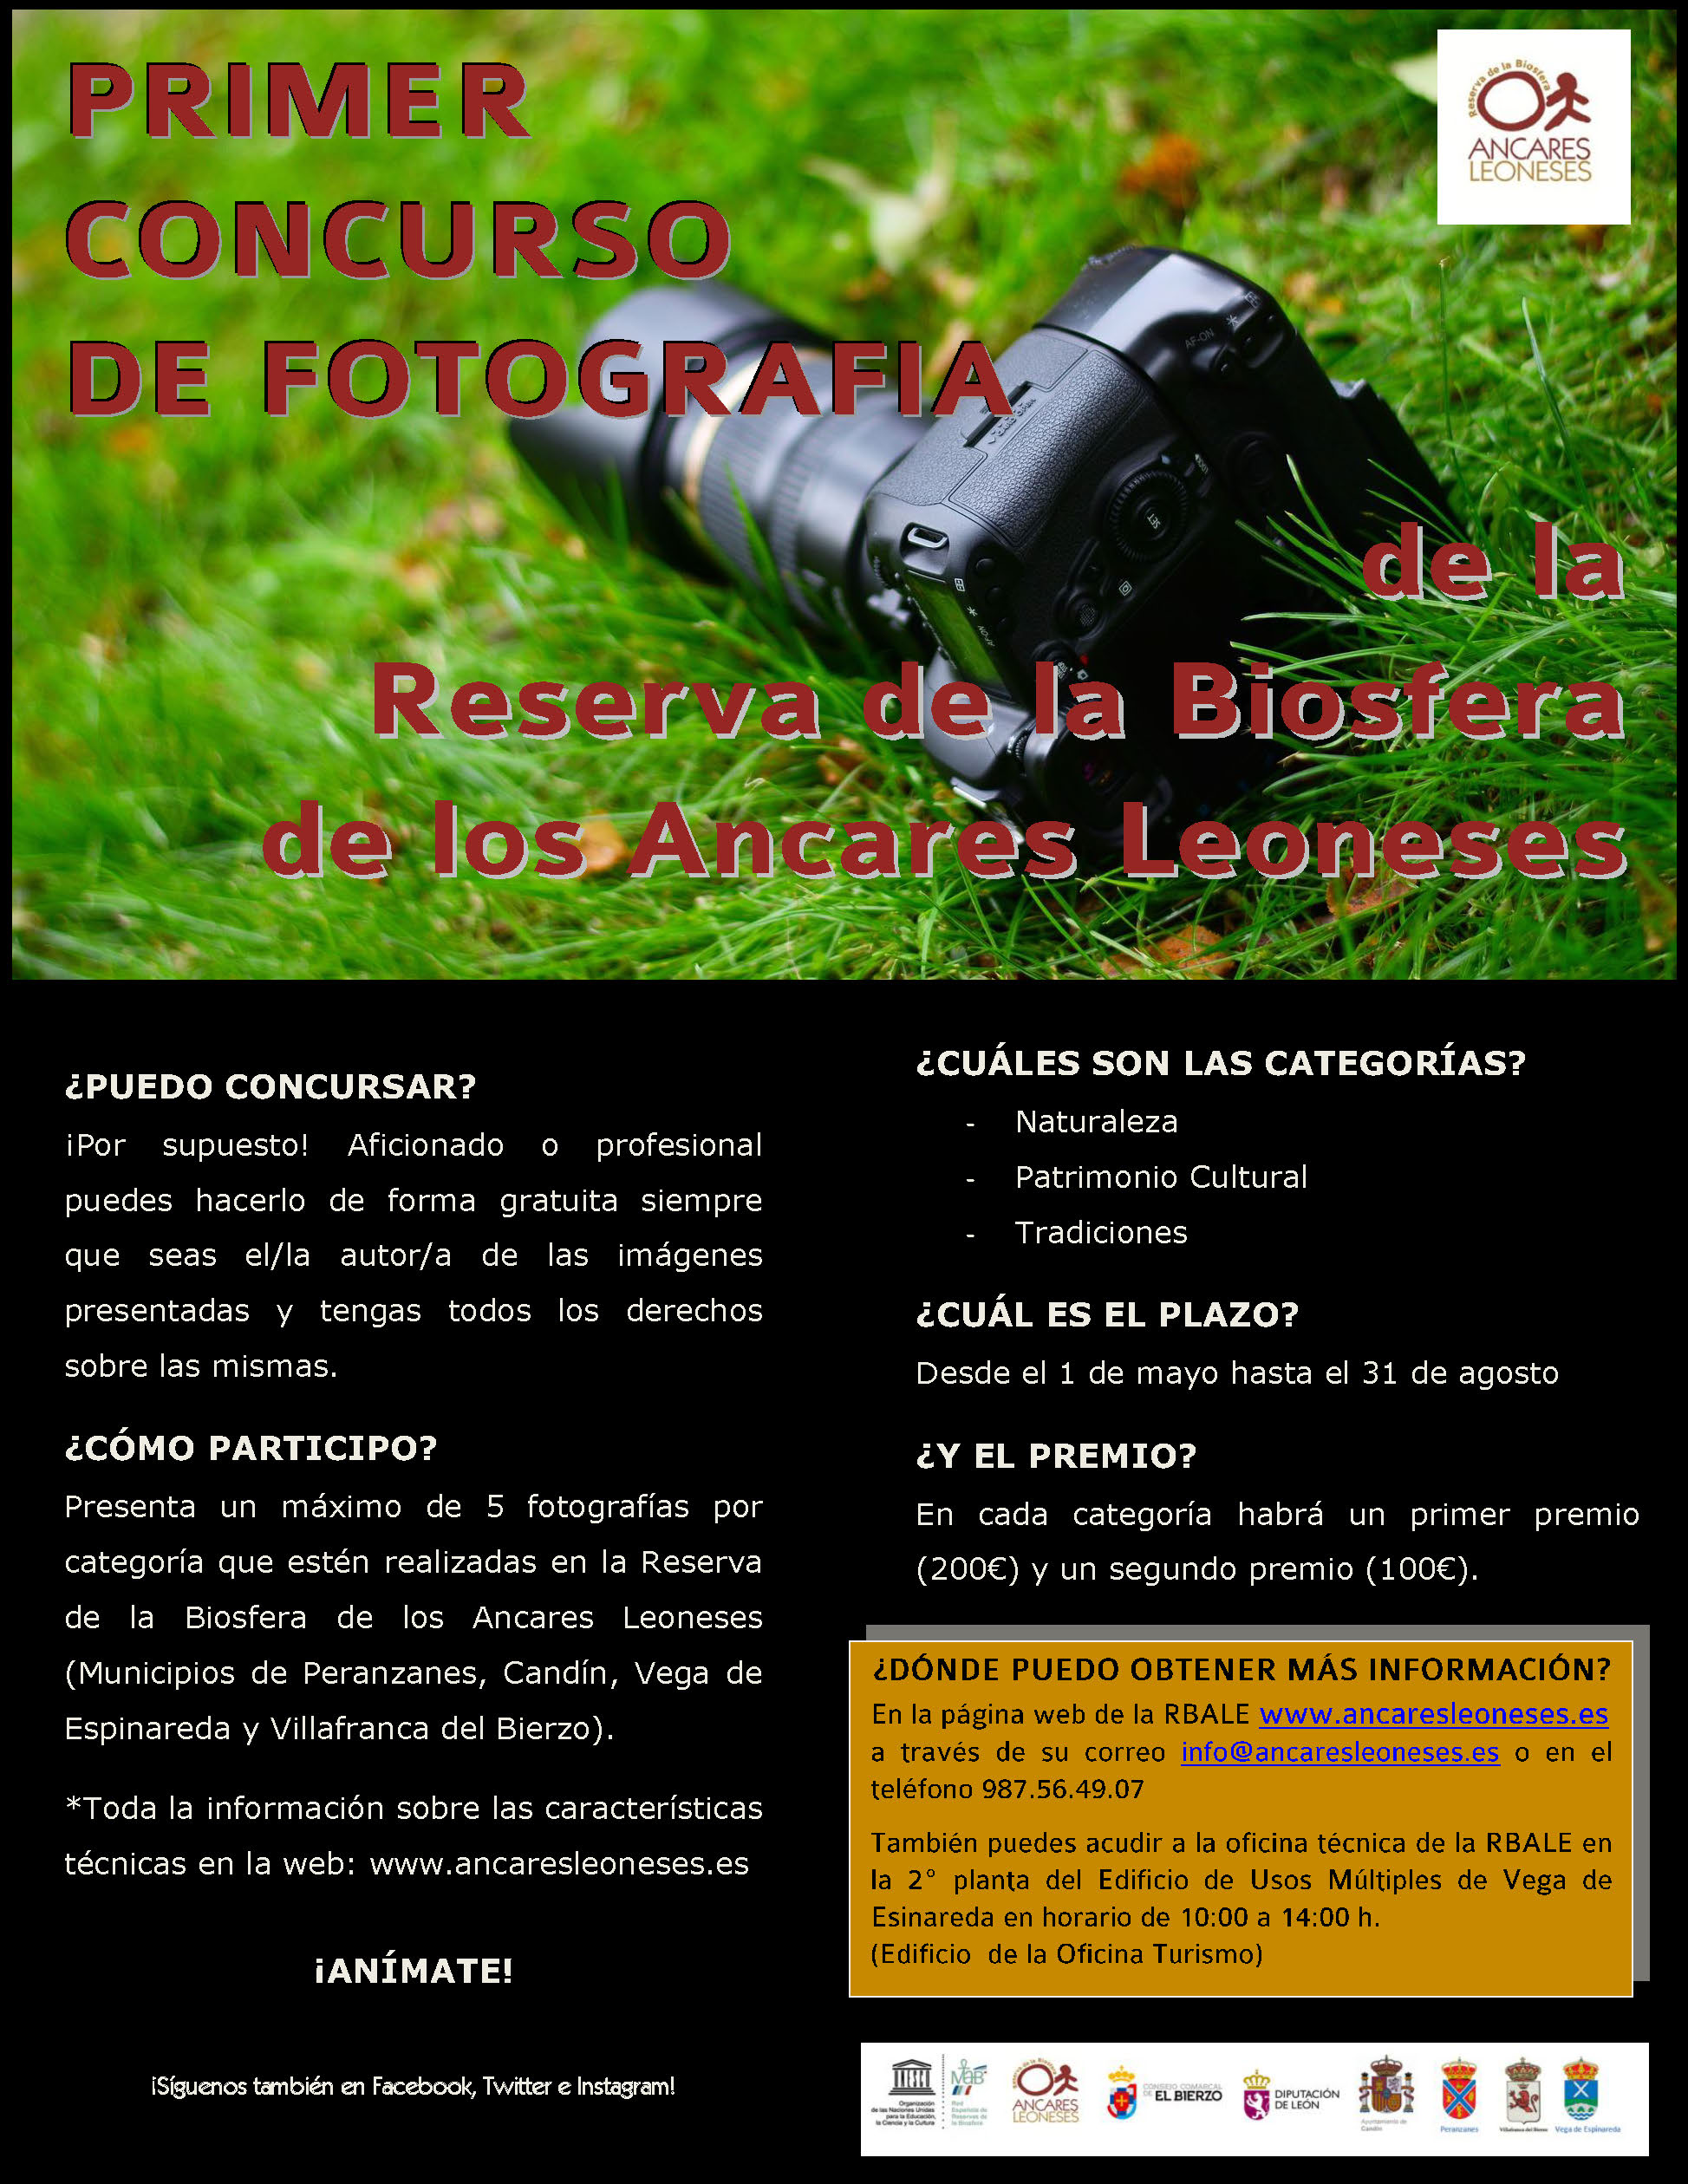 Primer concurso de fotografía de la Reserva de la Biosfera de los Ancares Leoneses 1